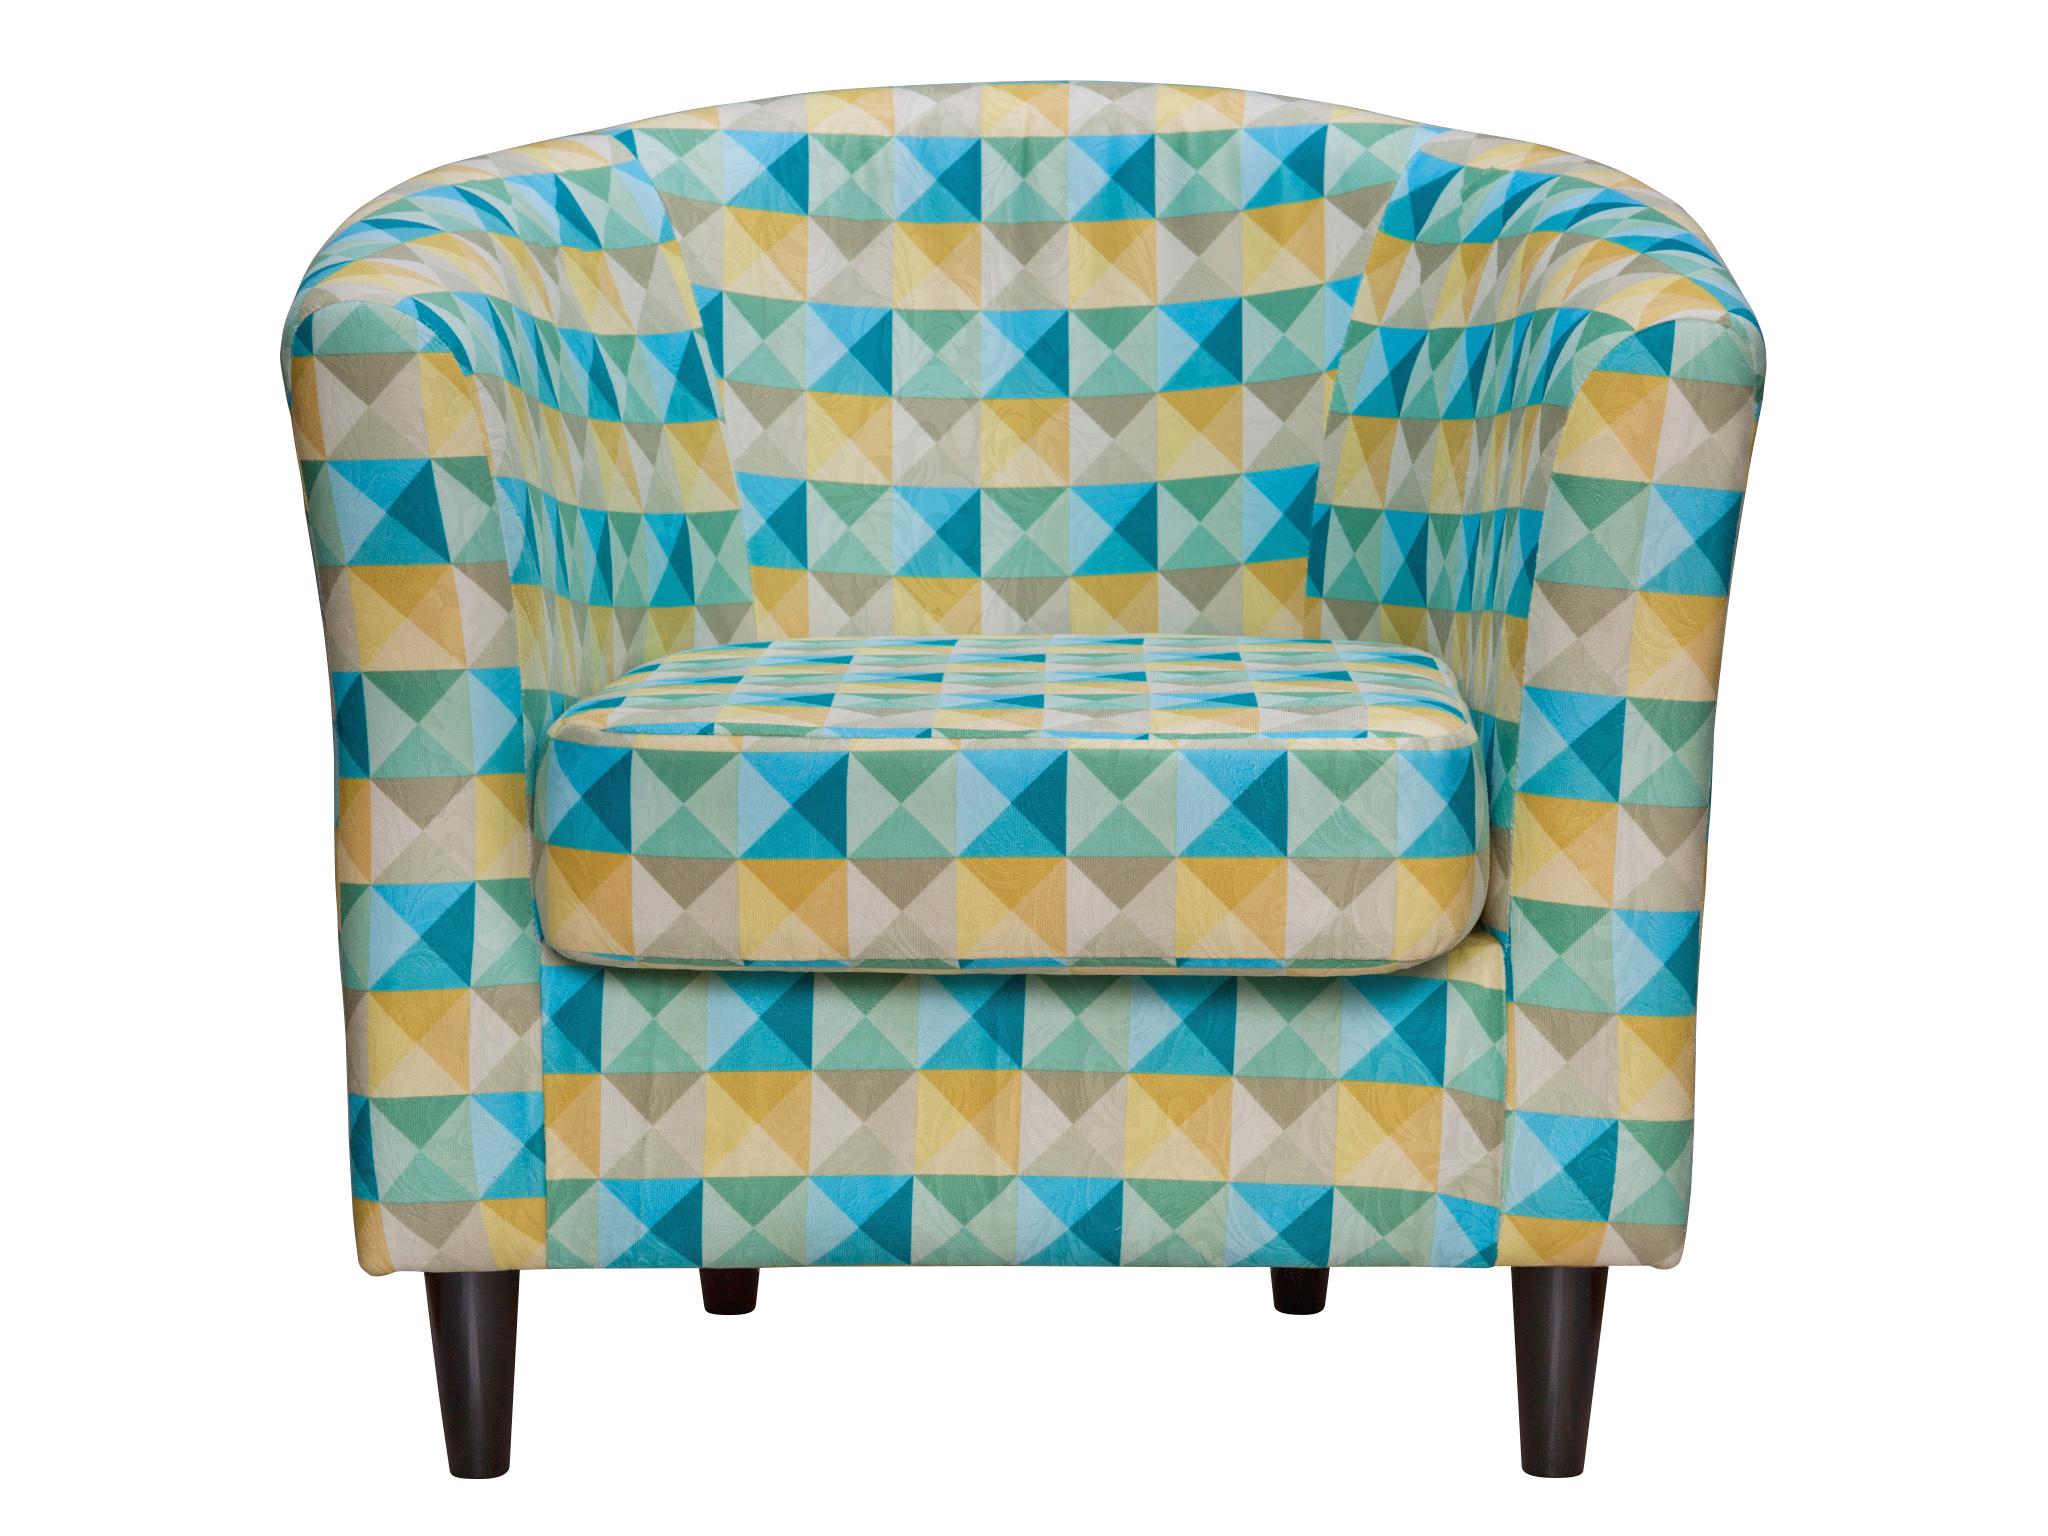 Кресло МариИнтерьерные кресла<br>Кресло «Мари» в стиле «модерн» предназначен<br>для комфортного отдыха.  Стильные округлые формы и ни грамма излишеств.&amp;amp;nbsp;&amp;lt;div&amp;gt;&amp;lt;br&amp;gt;&amp;lt;div&amp;gt;Особенности модели:&amp;lt;div&amp;gt;Компактные габариты, Съемное сиденье на молнии с возможностью чистки.<br>Каркас Изготовлен из дерева хвойных и твёрдолиственных пород, берёзовой фанеры производства России. Опоры сиденья могут быть  выполнены из твердолиственных пород древесины и покрыты полиуретановым лаком или из  металла, выбираются в момент приема заказа.<br>Изделие можно заказать в любой ткани, стоимость и срок изготовления уточняйте у менеджера.?&amp;lt;/div&amp;gt;&amp;lt;/div&amp;gt;&amp;lt;/div&amp;gt;<br><br>Material: Текстиль<br>Width см: 78<br>Depth см: 74<br>Height см: 74